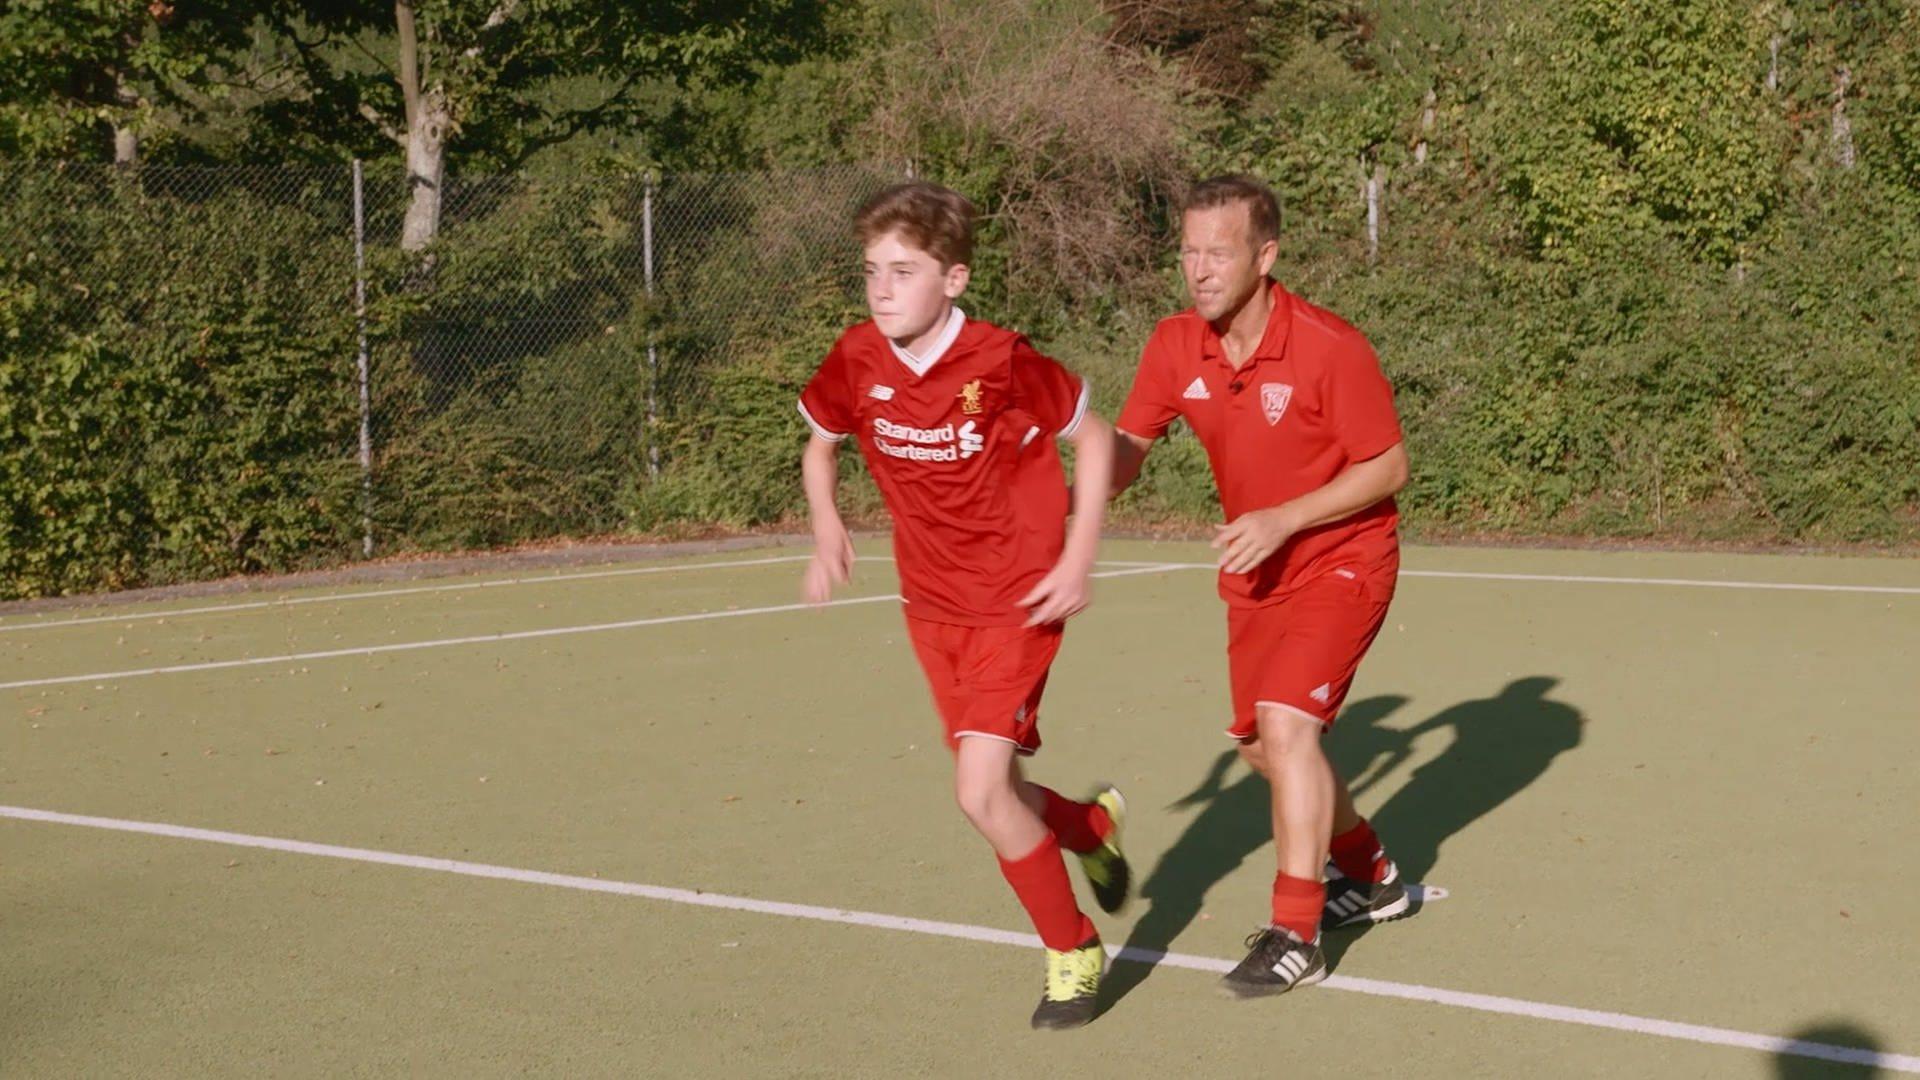 Fußballtrainer in rotem Trikot trainiert Jugendspieler